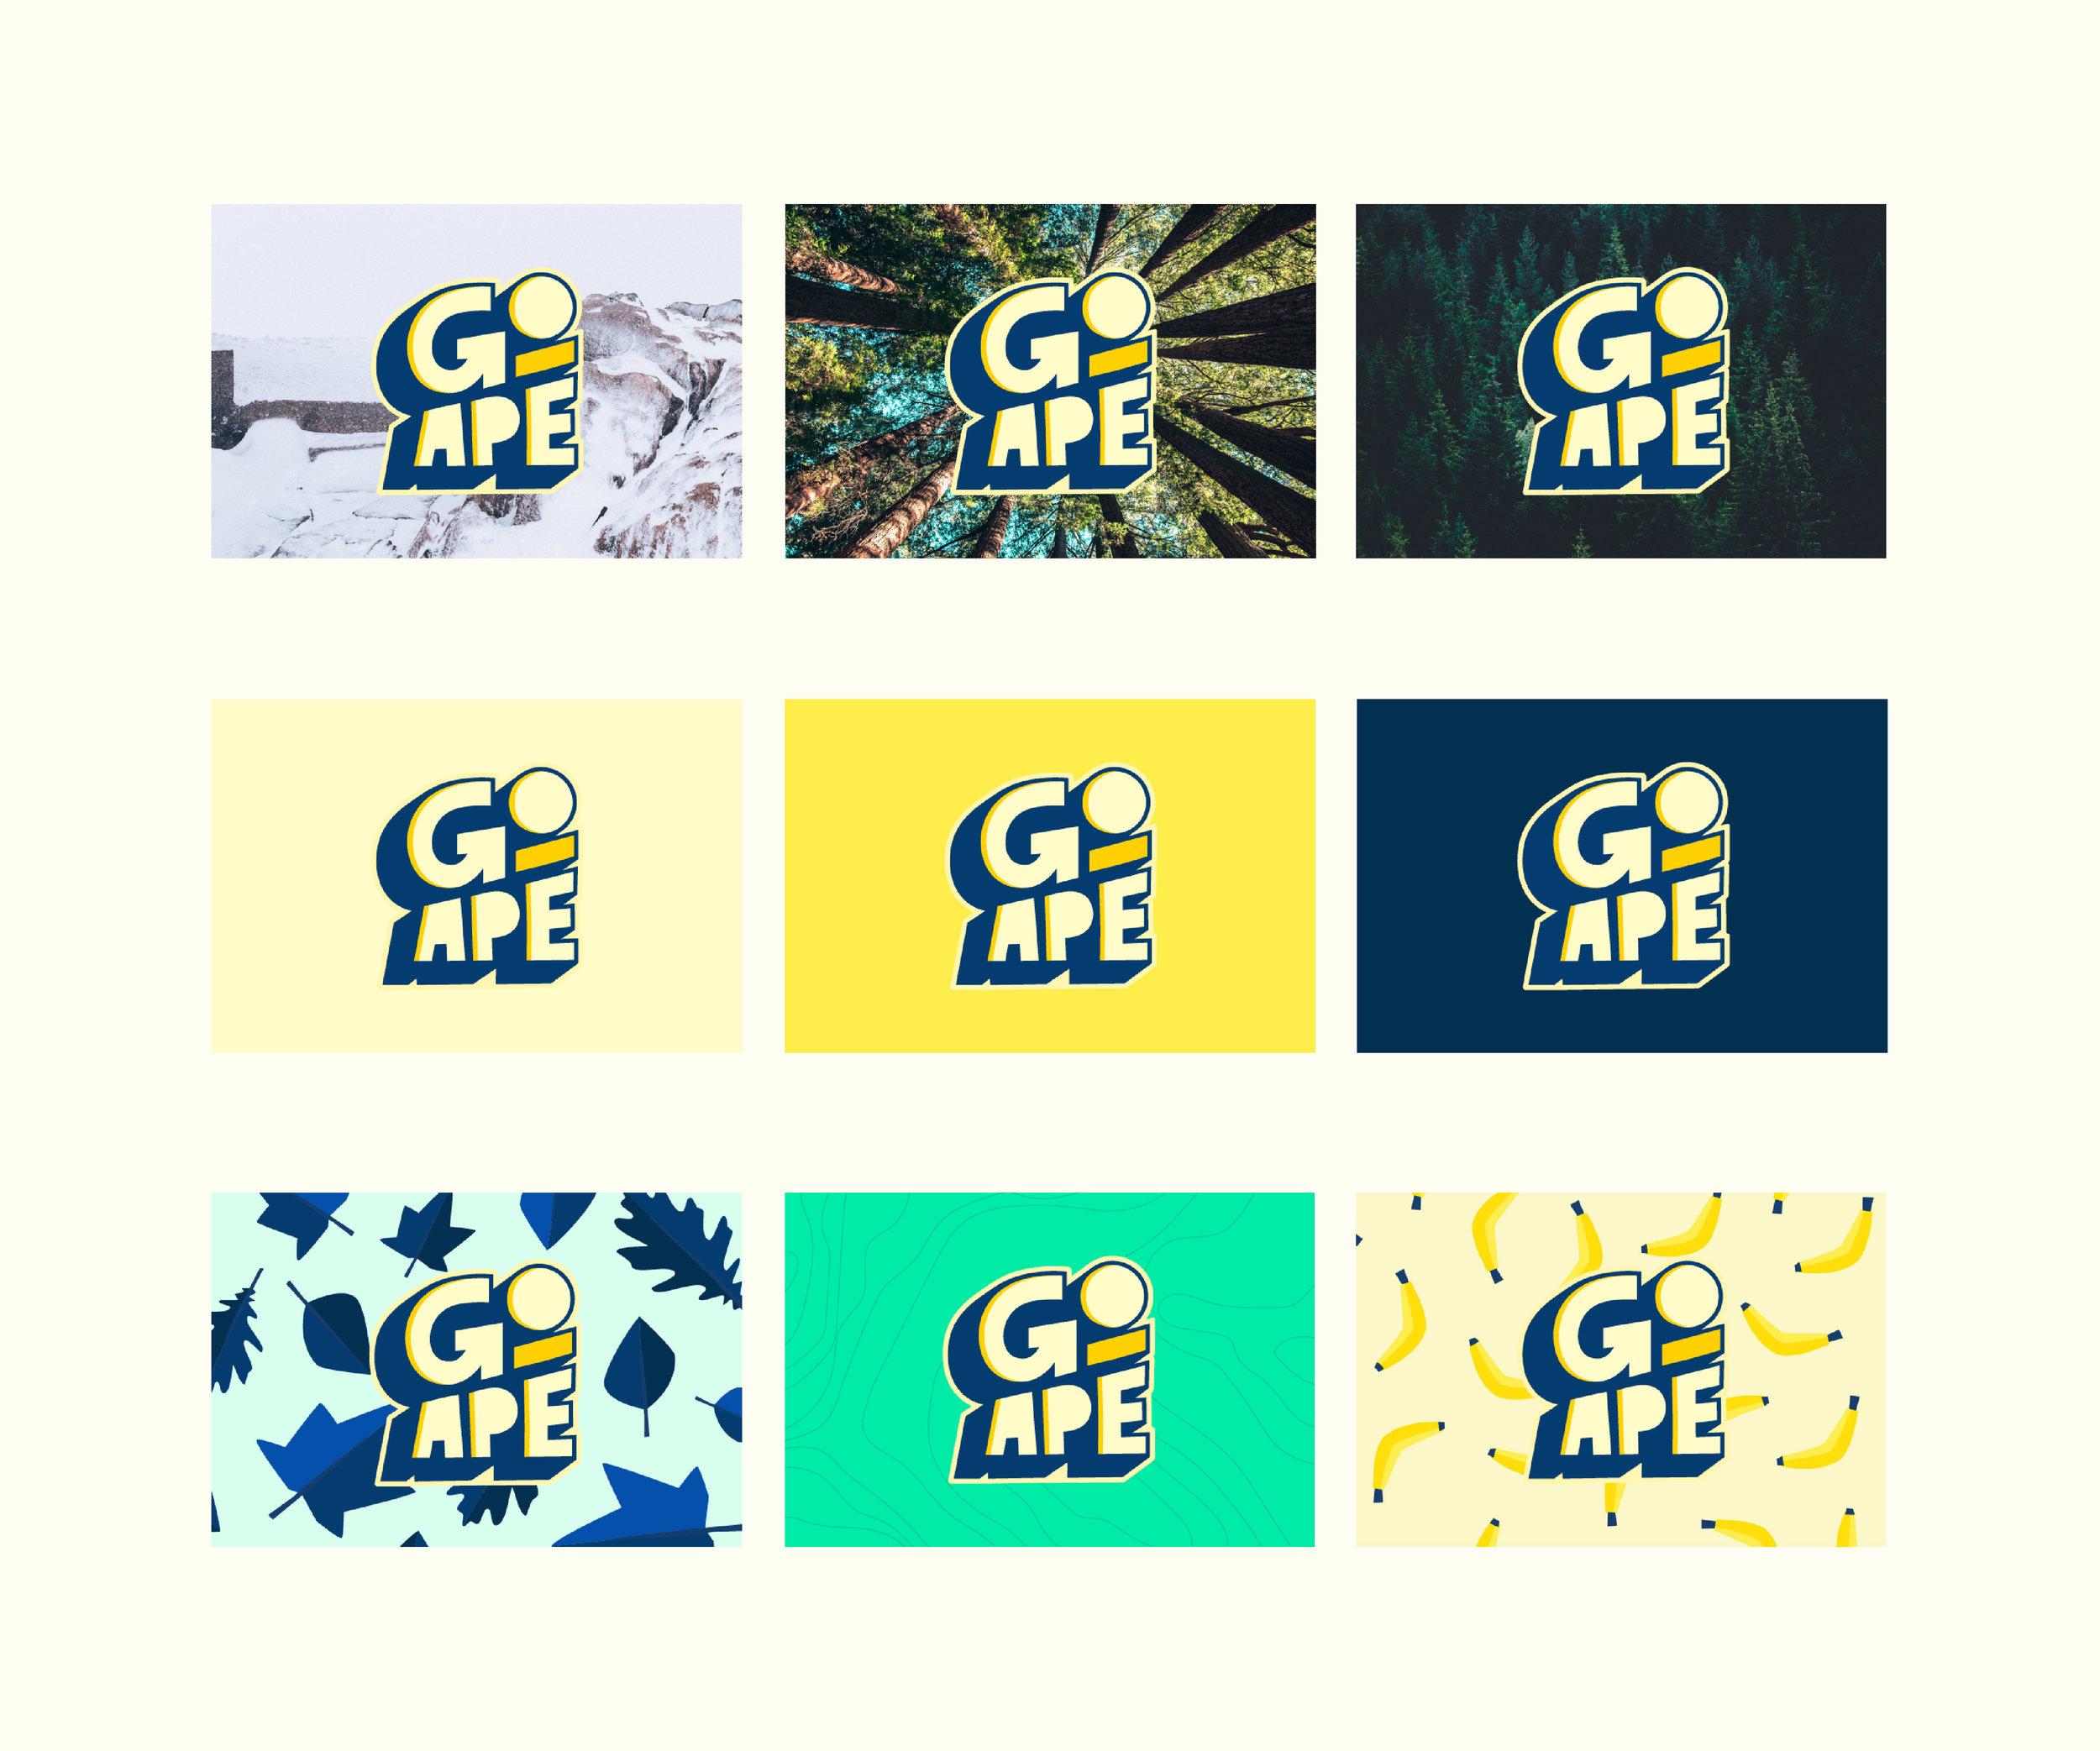 03_GoApe-22.jpg